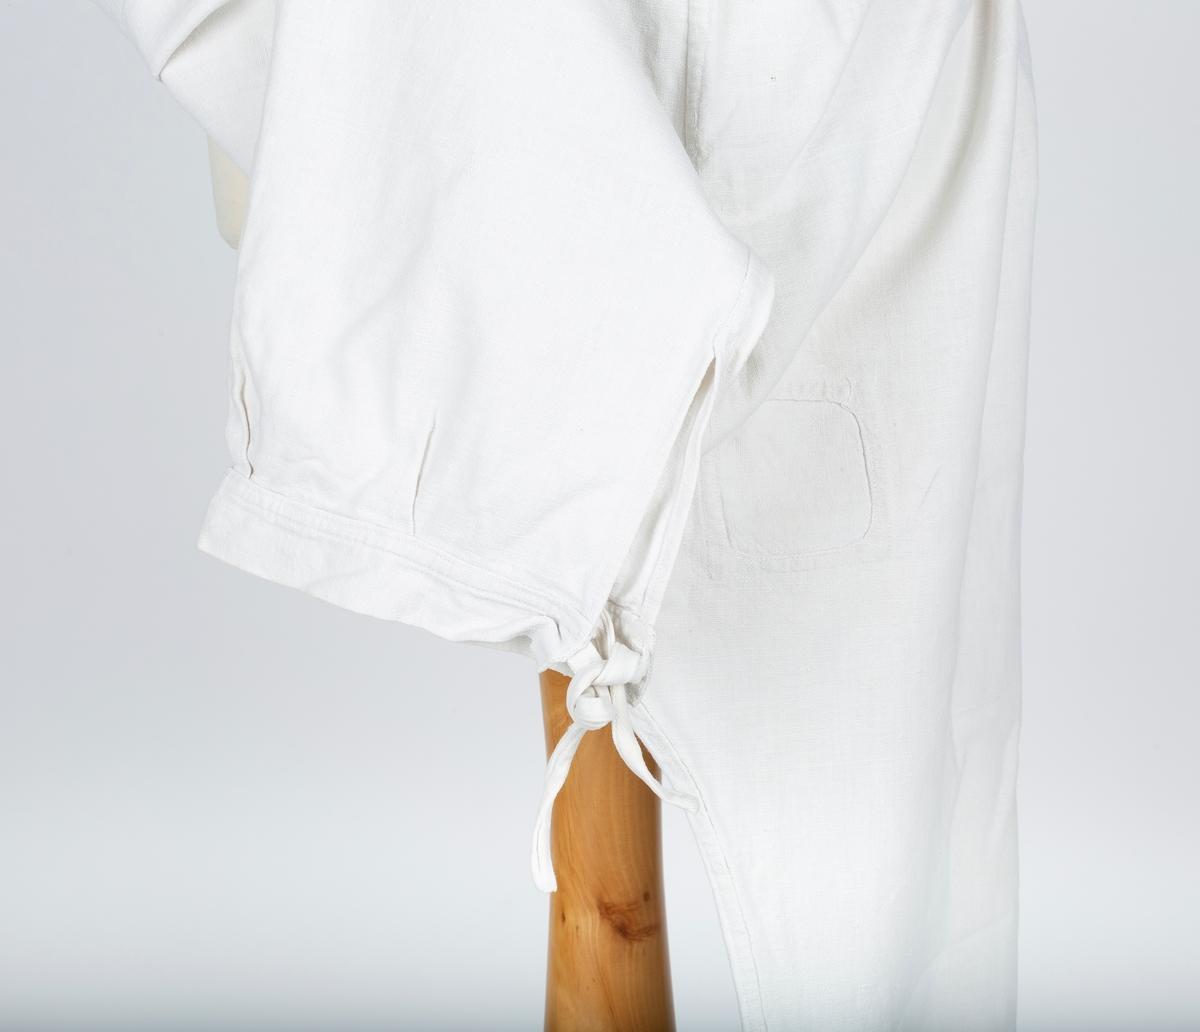 Knelange underbenklær. Lang splitt i begge sider. Søm, dobbeltsøm,i sidene, midt forran og midt bak. Spisse kiler i skrittet. Fasongkiler øverst mot bakstykets linning. Bakstykkets linning har bendelbånd og et sekundært bånd av mønstret stoff som kan knyttes forran.  Forstykkets forlengede linning knappes midt bak, lerretsknapp. Små legg ved linningene Lapp på høyre bakstykke.  Bukseben har splitt , linning og knyttebånd.  Gitt av Åse Huseby, Oppegård, Frogn. Formidler Greta Christiansen. Brukt av søstrene Christiansen, på Brevik